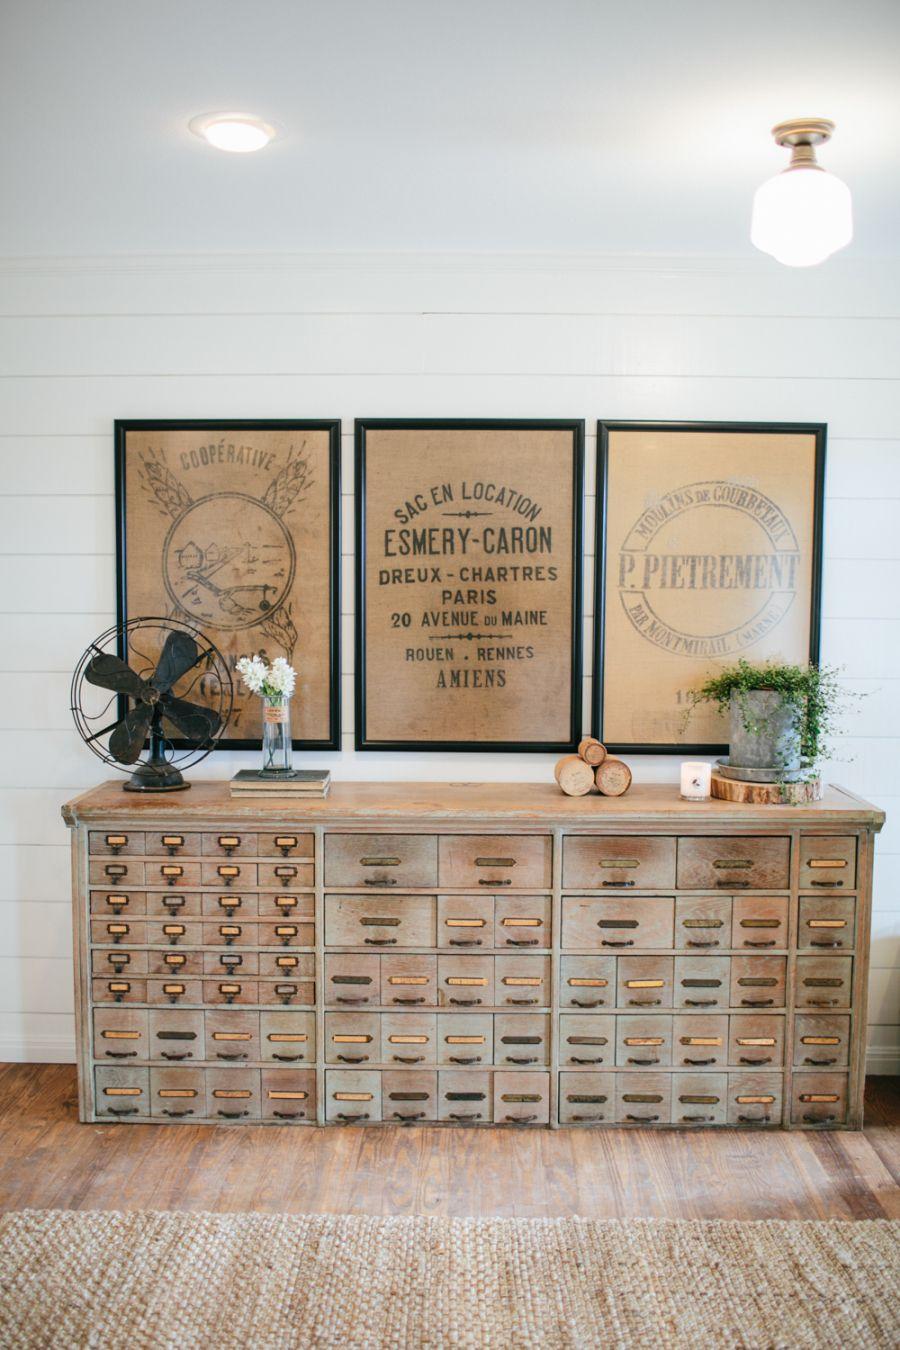 Our Favorite Hgtv Fixer Upper Interior Design Moments Decor Rustic Home Interiors Home Decor